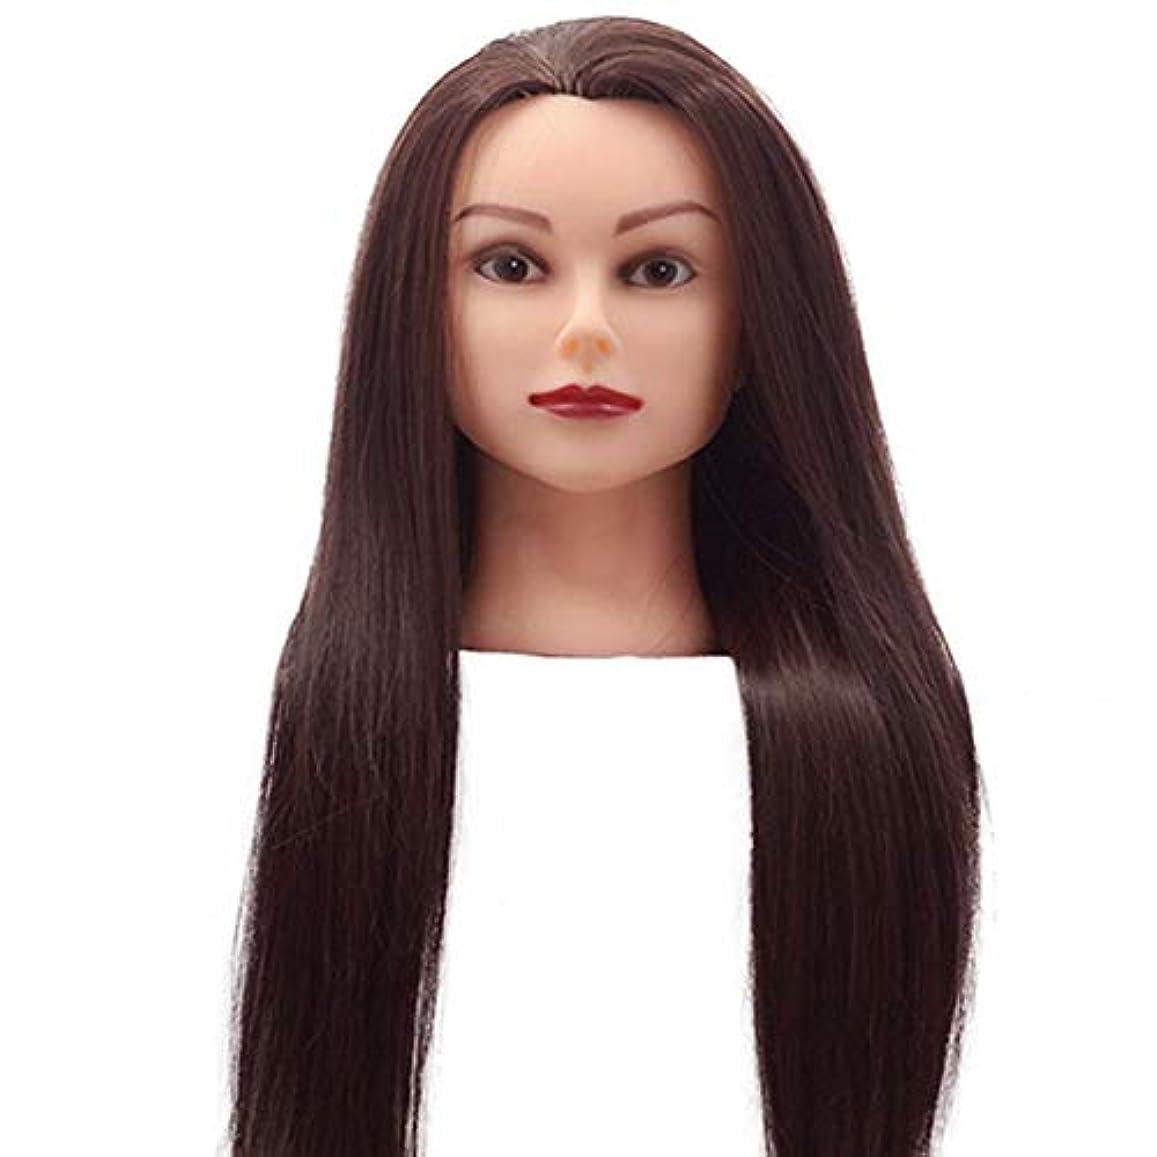 知り合いになる南極列挙する理髪モデルヘッド花嫁の髪編組三つ編み学習ヘッドモデル理髪店美容散髪ダミーエクササイズヘッド